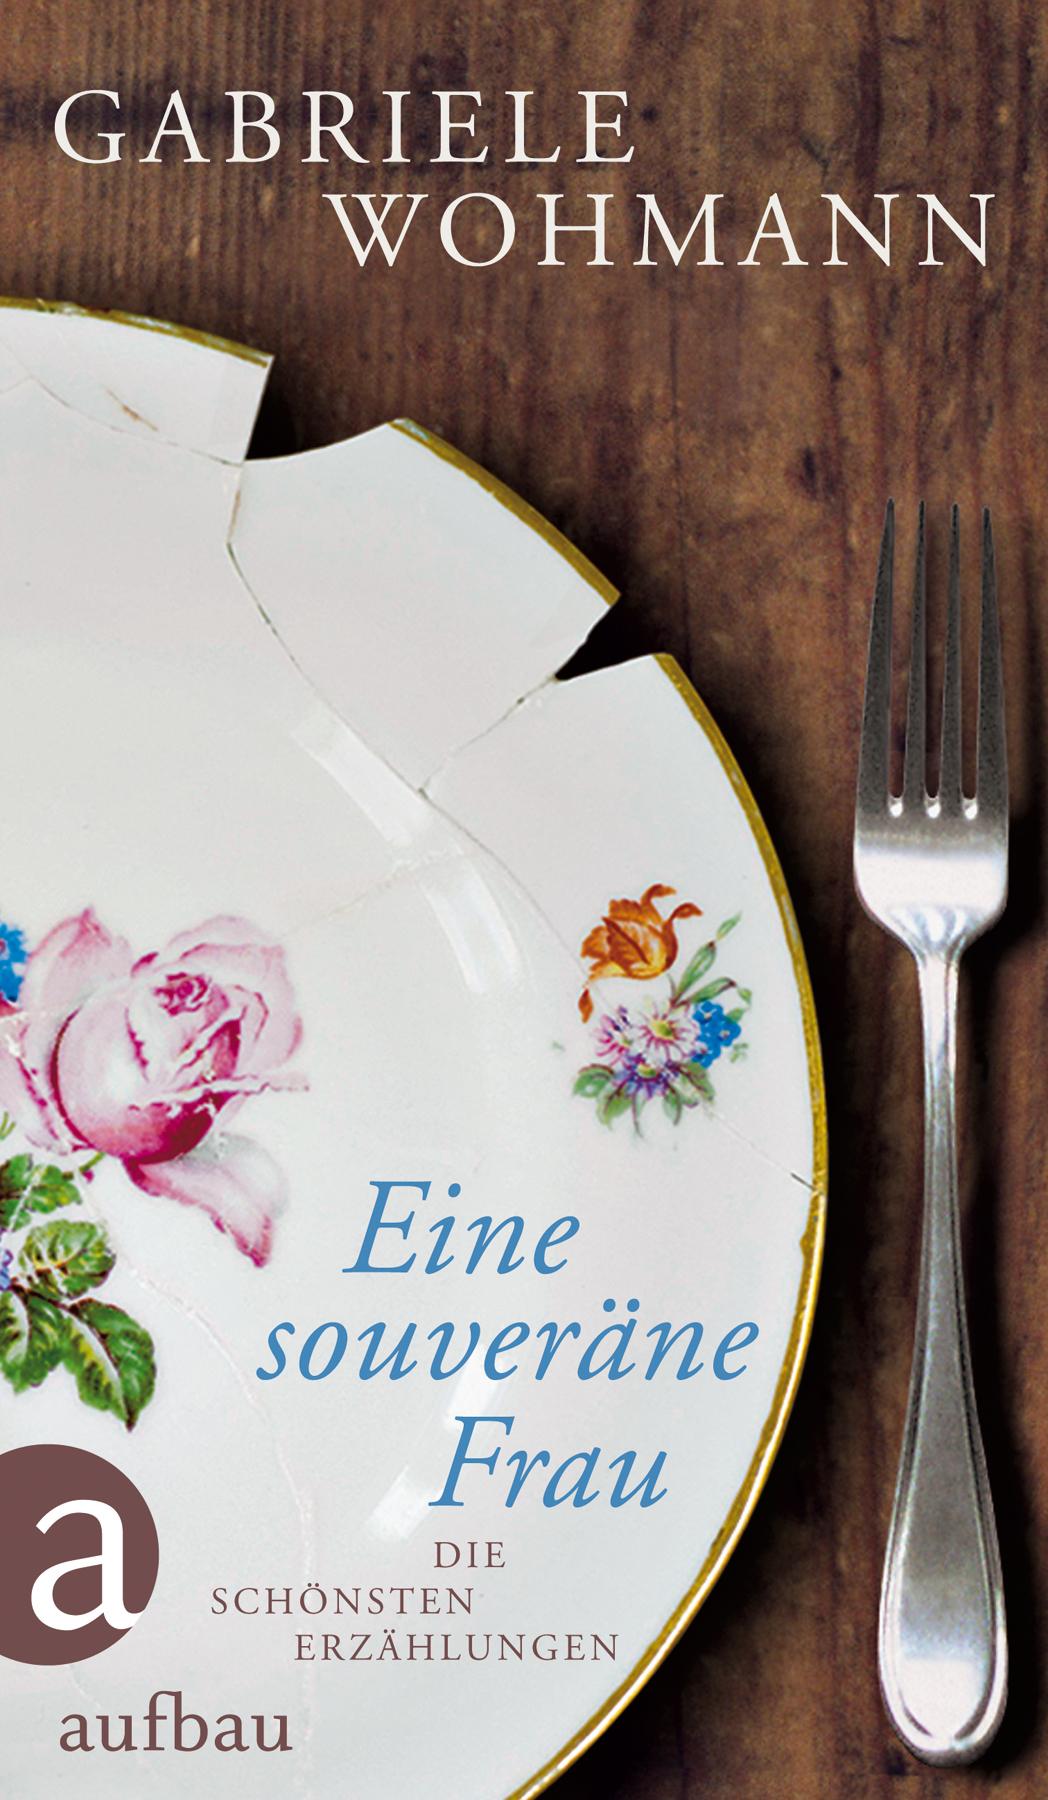 """Teller mir Rissen - Cover von """"Eine souveräne Frau"""" - in dem Buch bewährten sich Frauen mit Krone und Messer, schreibt Michaela Moser im WeiberDiwan"""